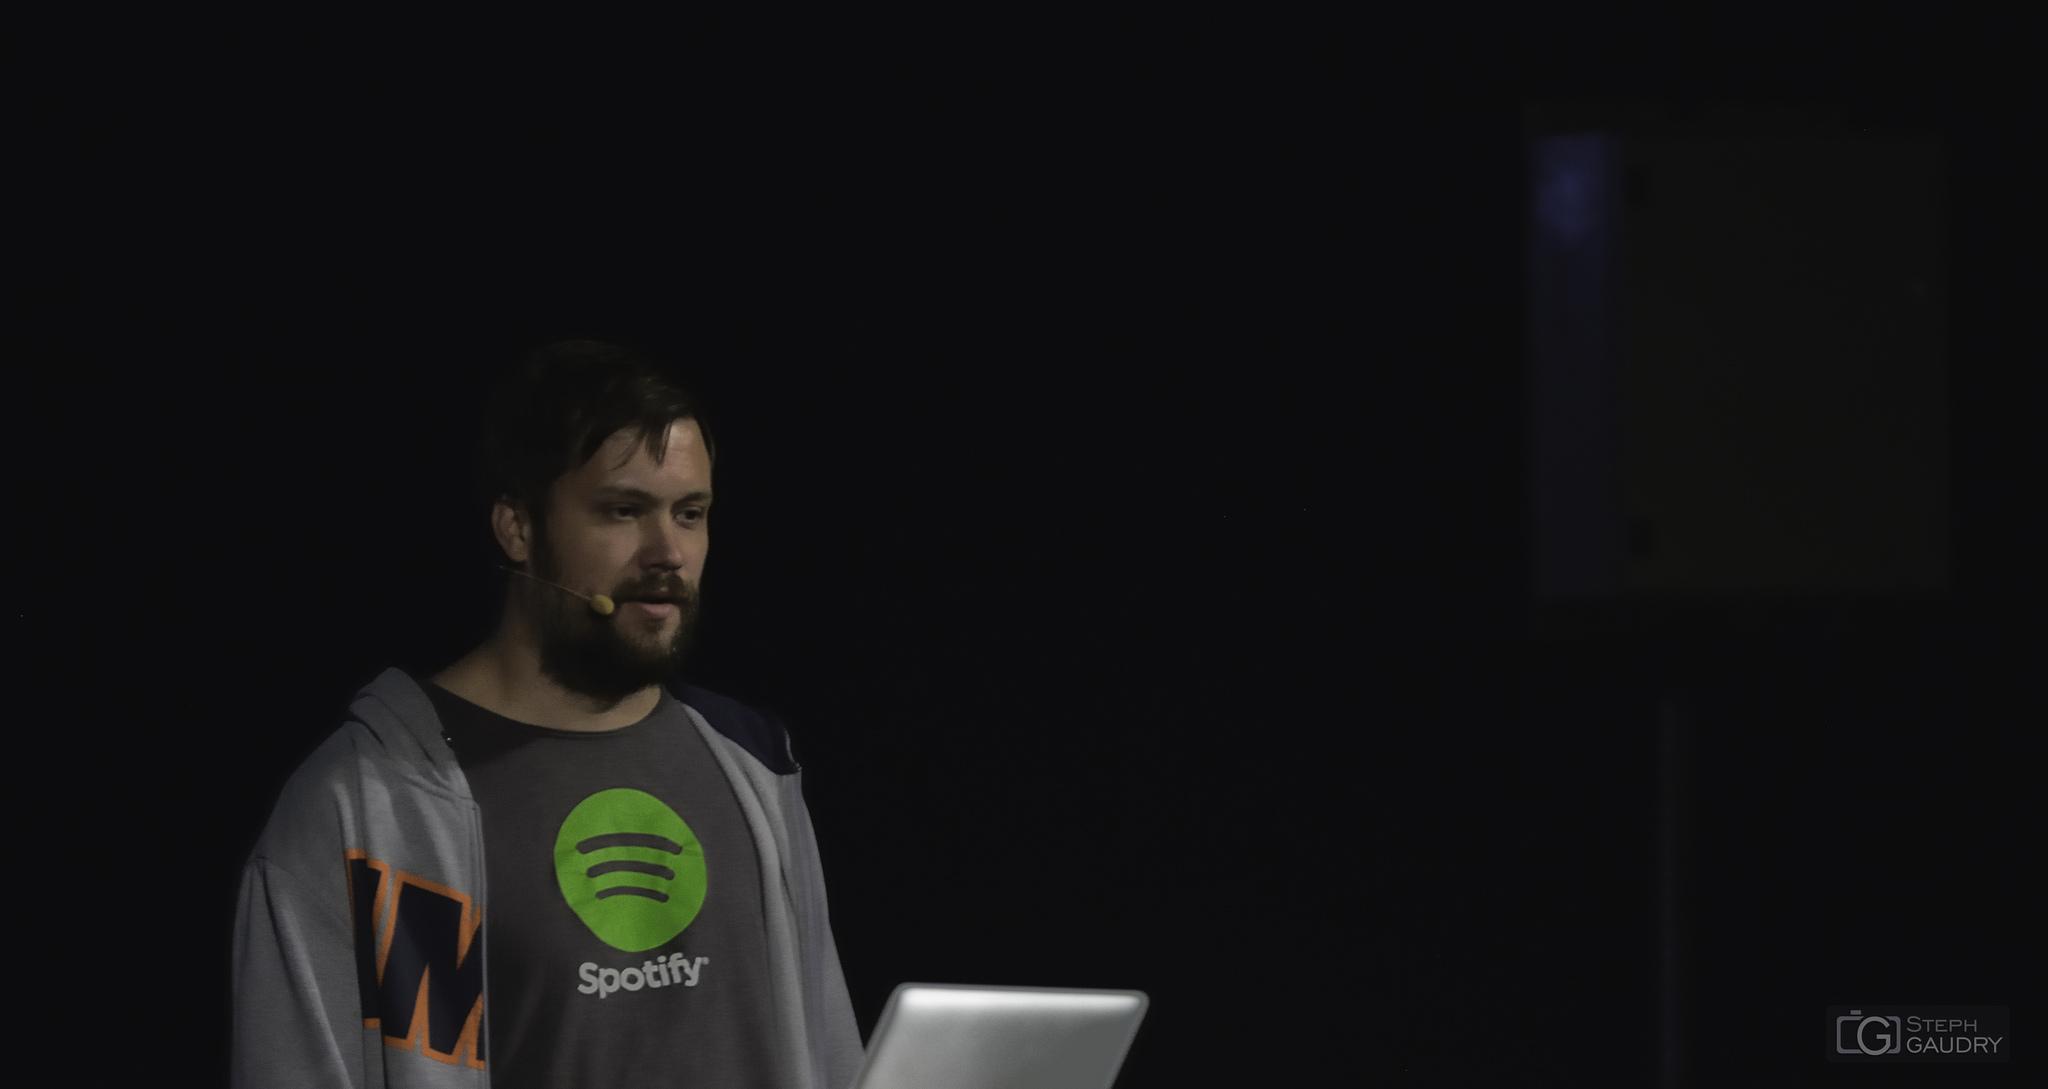 Devoxx 2014 - Spotify - audio delivery at scale [Cliquez pour lancer le diaporama]